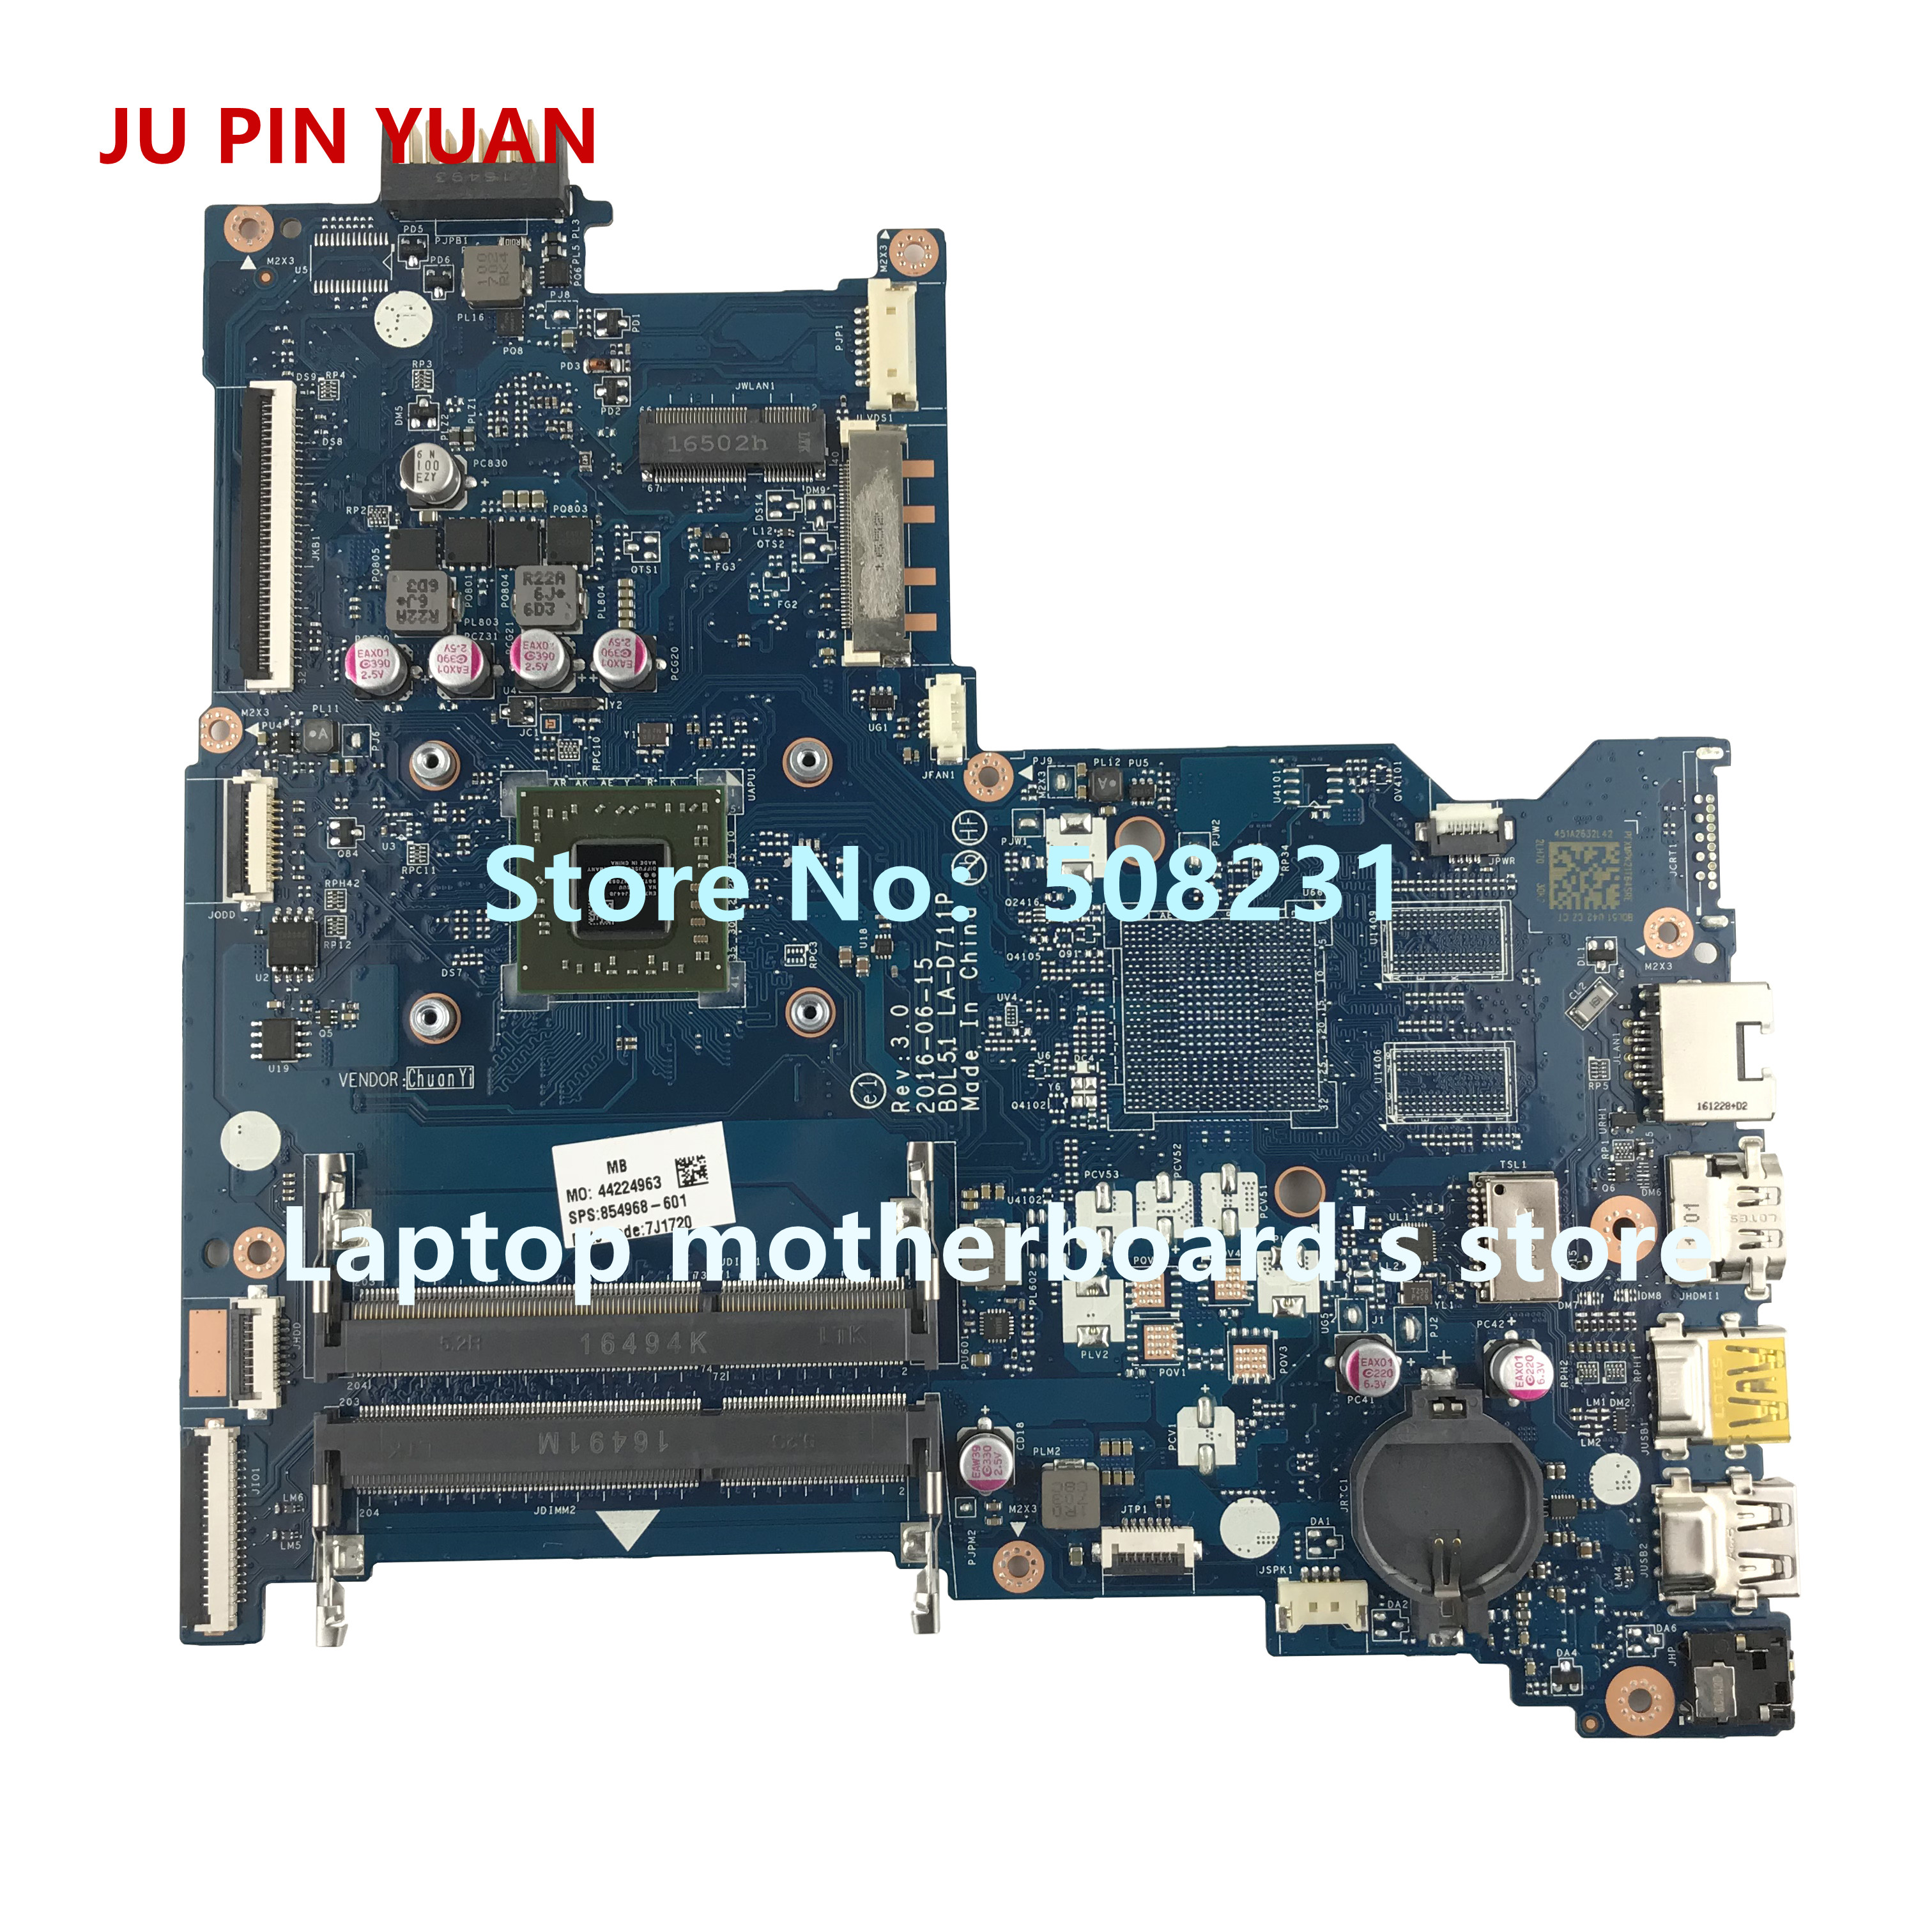 JU PIN YUAN 854968-001 carte mère 854968-601 pour HP NOTEBOOK 15-BA 15Z-BA 15-ba060nf carte mère d'ordinateur portable BDL51 LA-D711P E2-7110